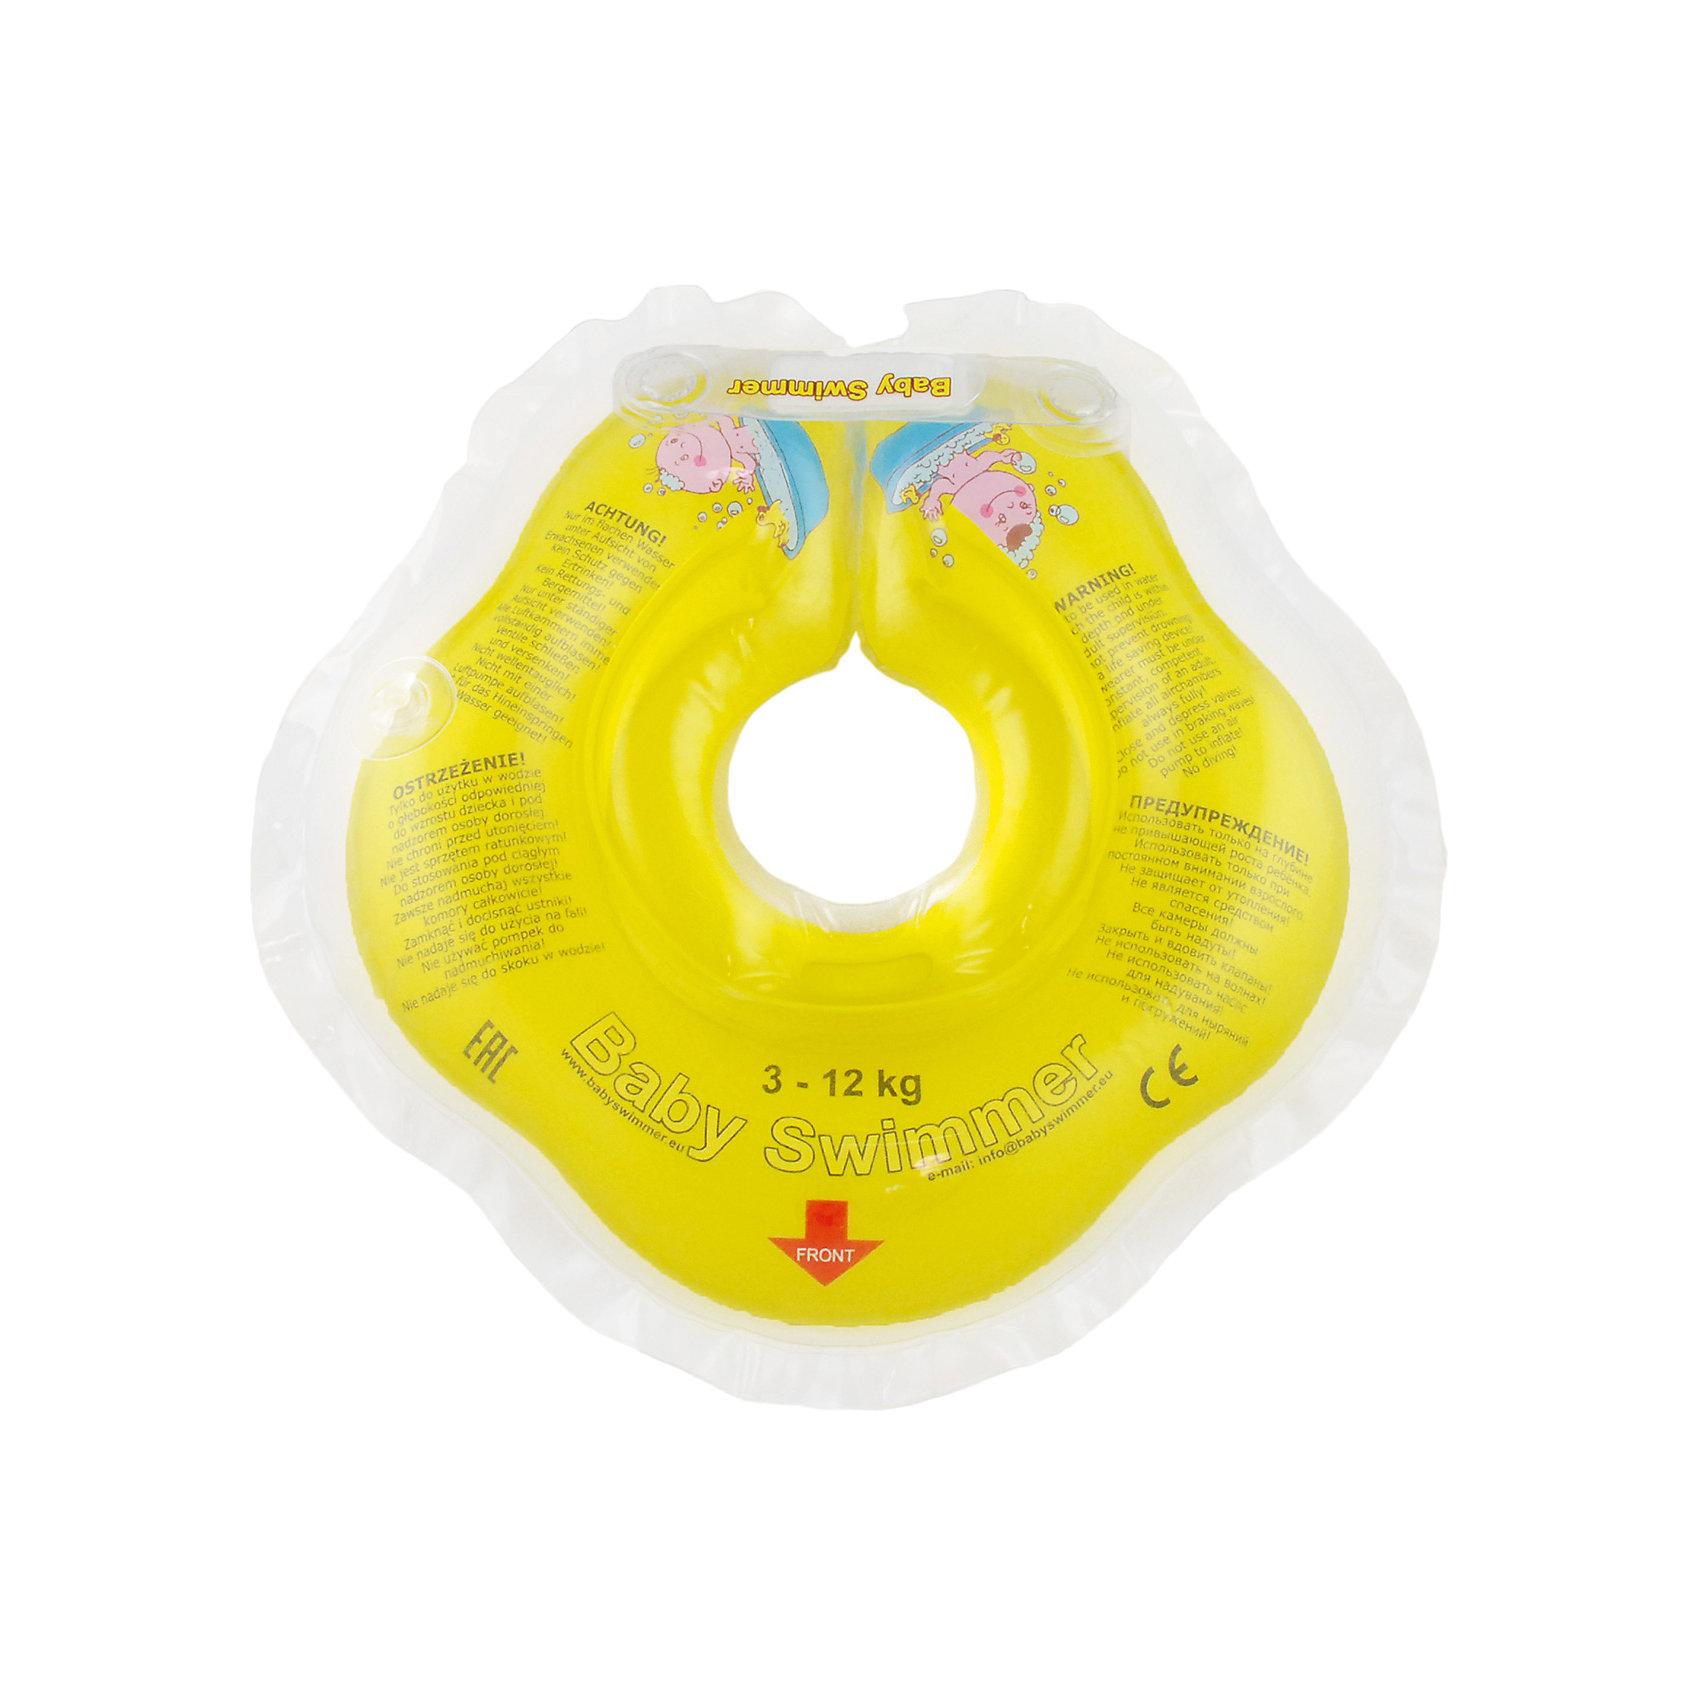 Круг для купания BabySwimmer, жёлтыйКруги для купания малыша<br>Купание младенца - ответственное и важное занятие. Круг для купания Baby Swimmer  обеспечит безопасность процесса, избавит малыша от страха воды и сделает водные процедуры веселой игрой. У круга есть устройство, поддерживающее подбородок, что позволит избежать проглатывание воды малышом. У круга яркие цвета, необычный дизайн и веселые картинки по бокам, которые понравится всем детям. Все материалы, использованные при разработке и изготовлении круга для купания безопасны для использования, отвечают всем требованиям экологичности и качества детских товаров, а так же гипоаллергенны.<br><br>Дополнительная информация:<br><br>модель: Baby Swimmer;<br>цвет: жёлтый.<br><br>Круг для купания Baby Swimmer можно приобрести в нашем магазине.<br><br>Ширина мм: 150<br>Глубина мм: 40<br>Высота мм: 150<br>Вес г: 140<br>Возраст от месяцев: 0<br>Возраст до месяцев: 24<br>Пол: Унисекс<br>Возраст: Детский<br>SKU: 4968096